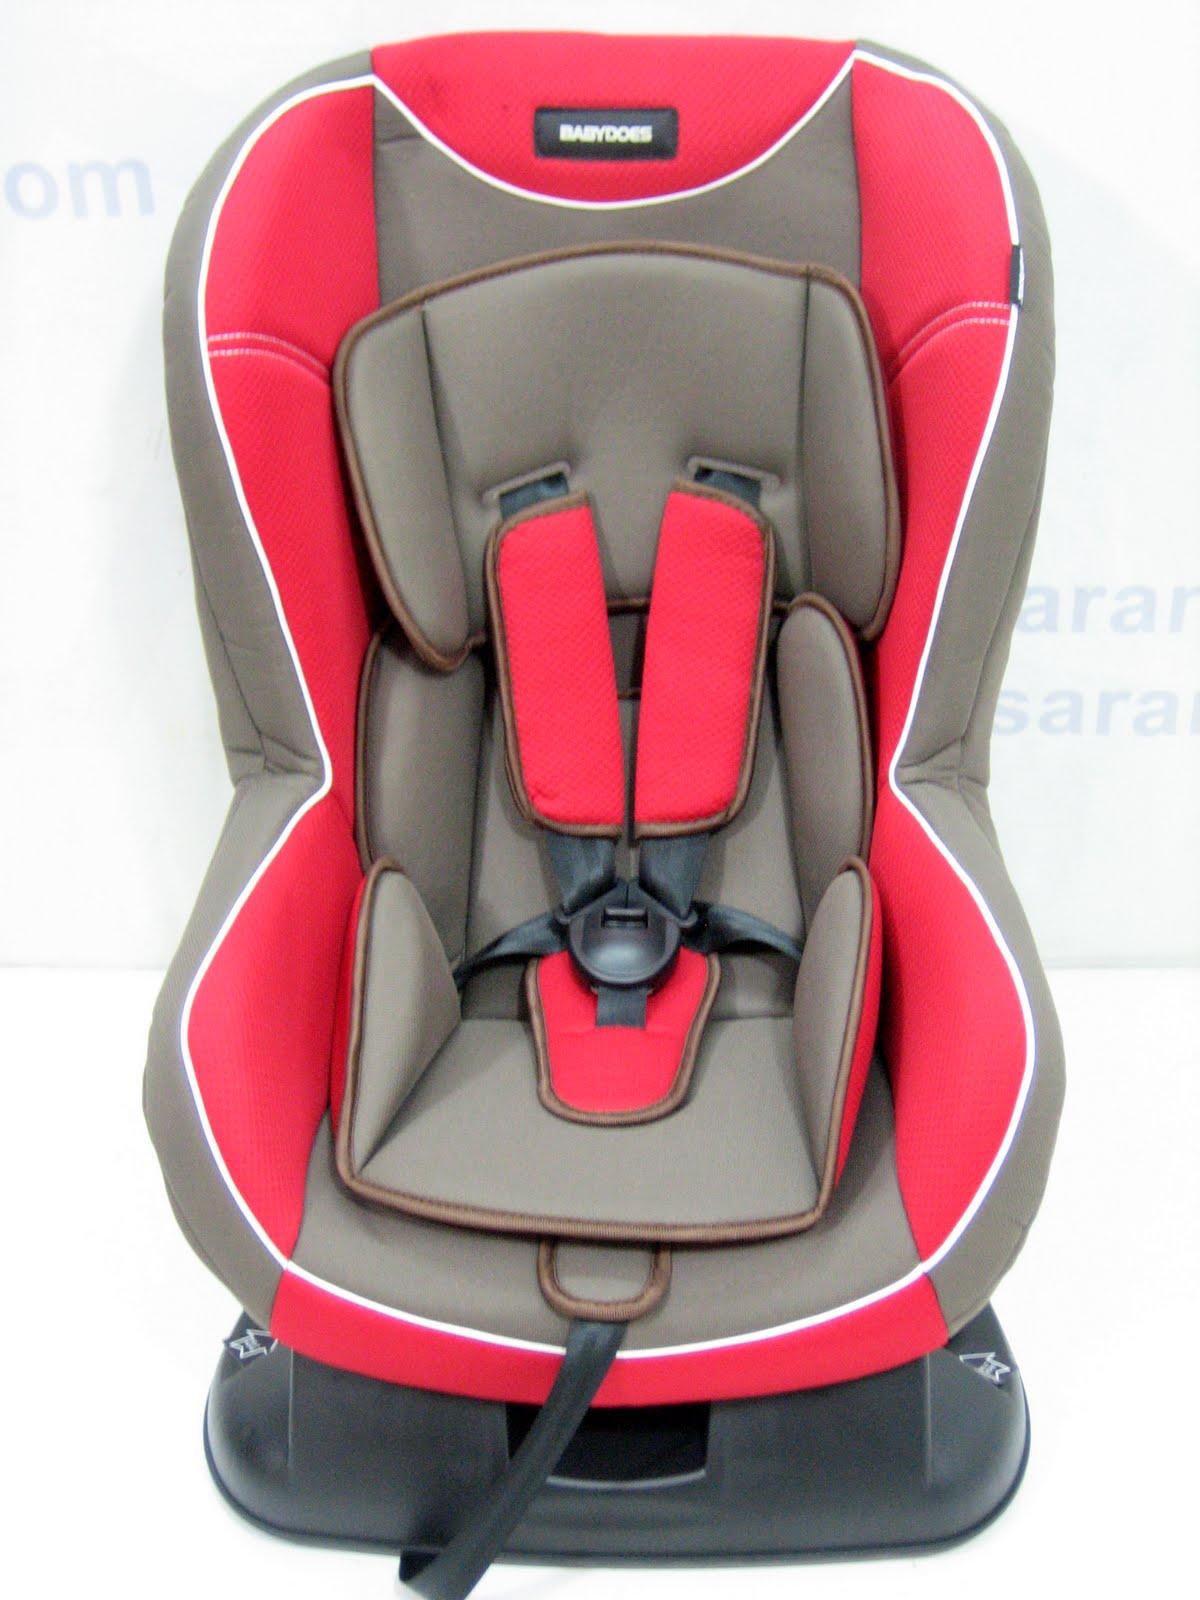 RENTAL BABY CAR SEAT / STROLLER